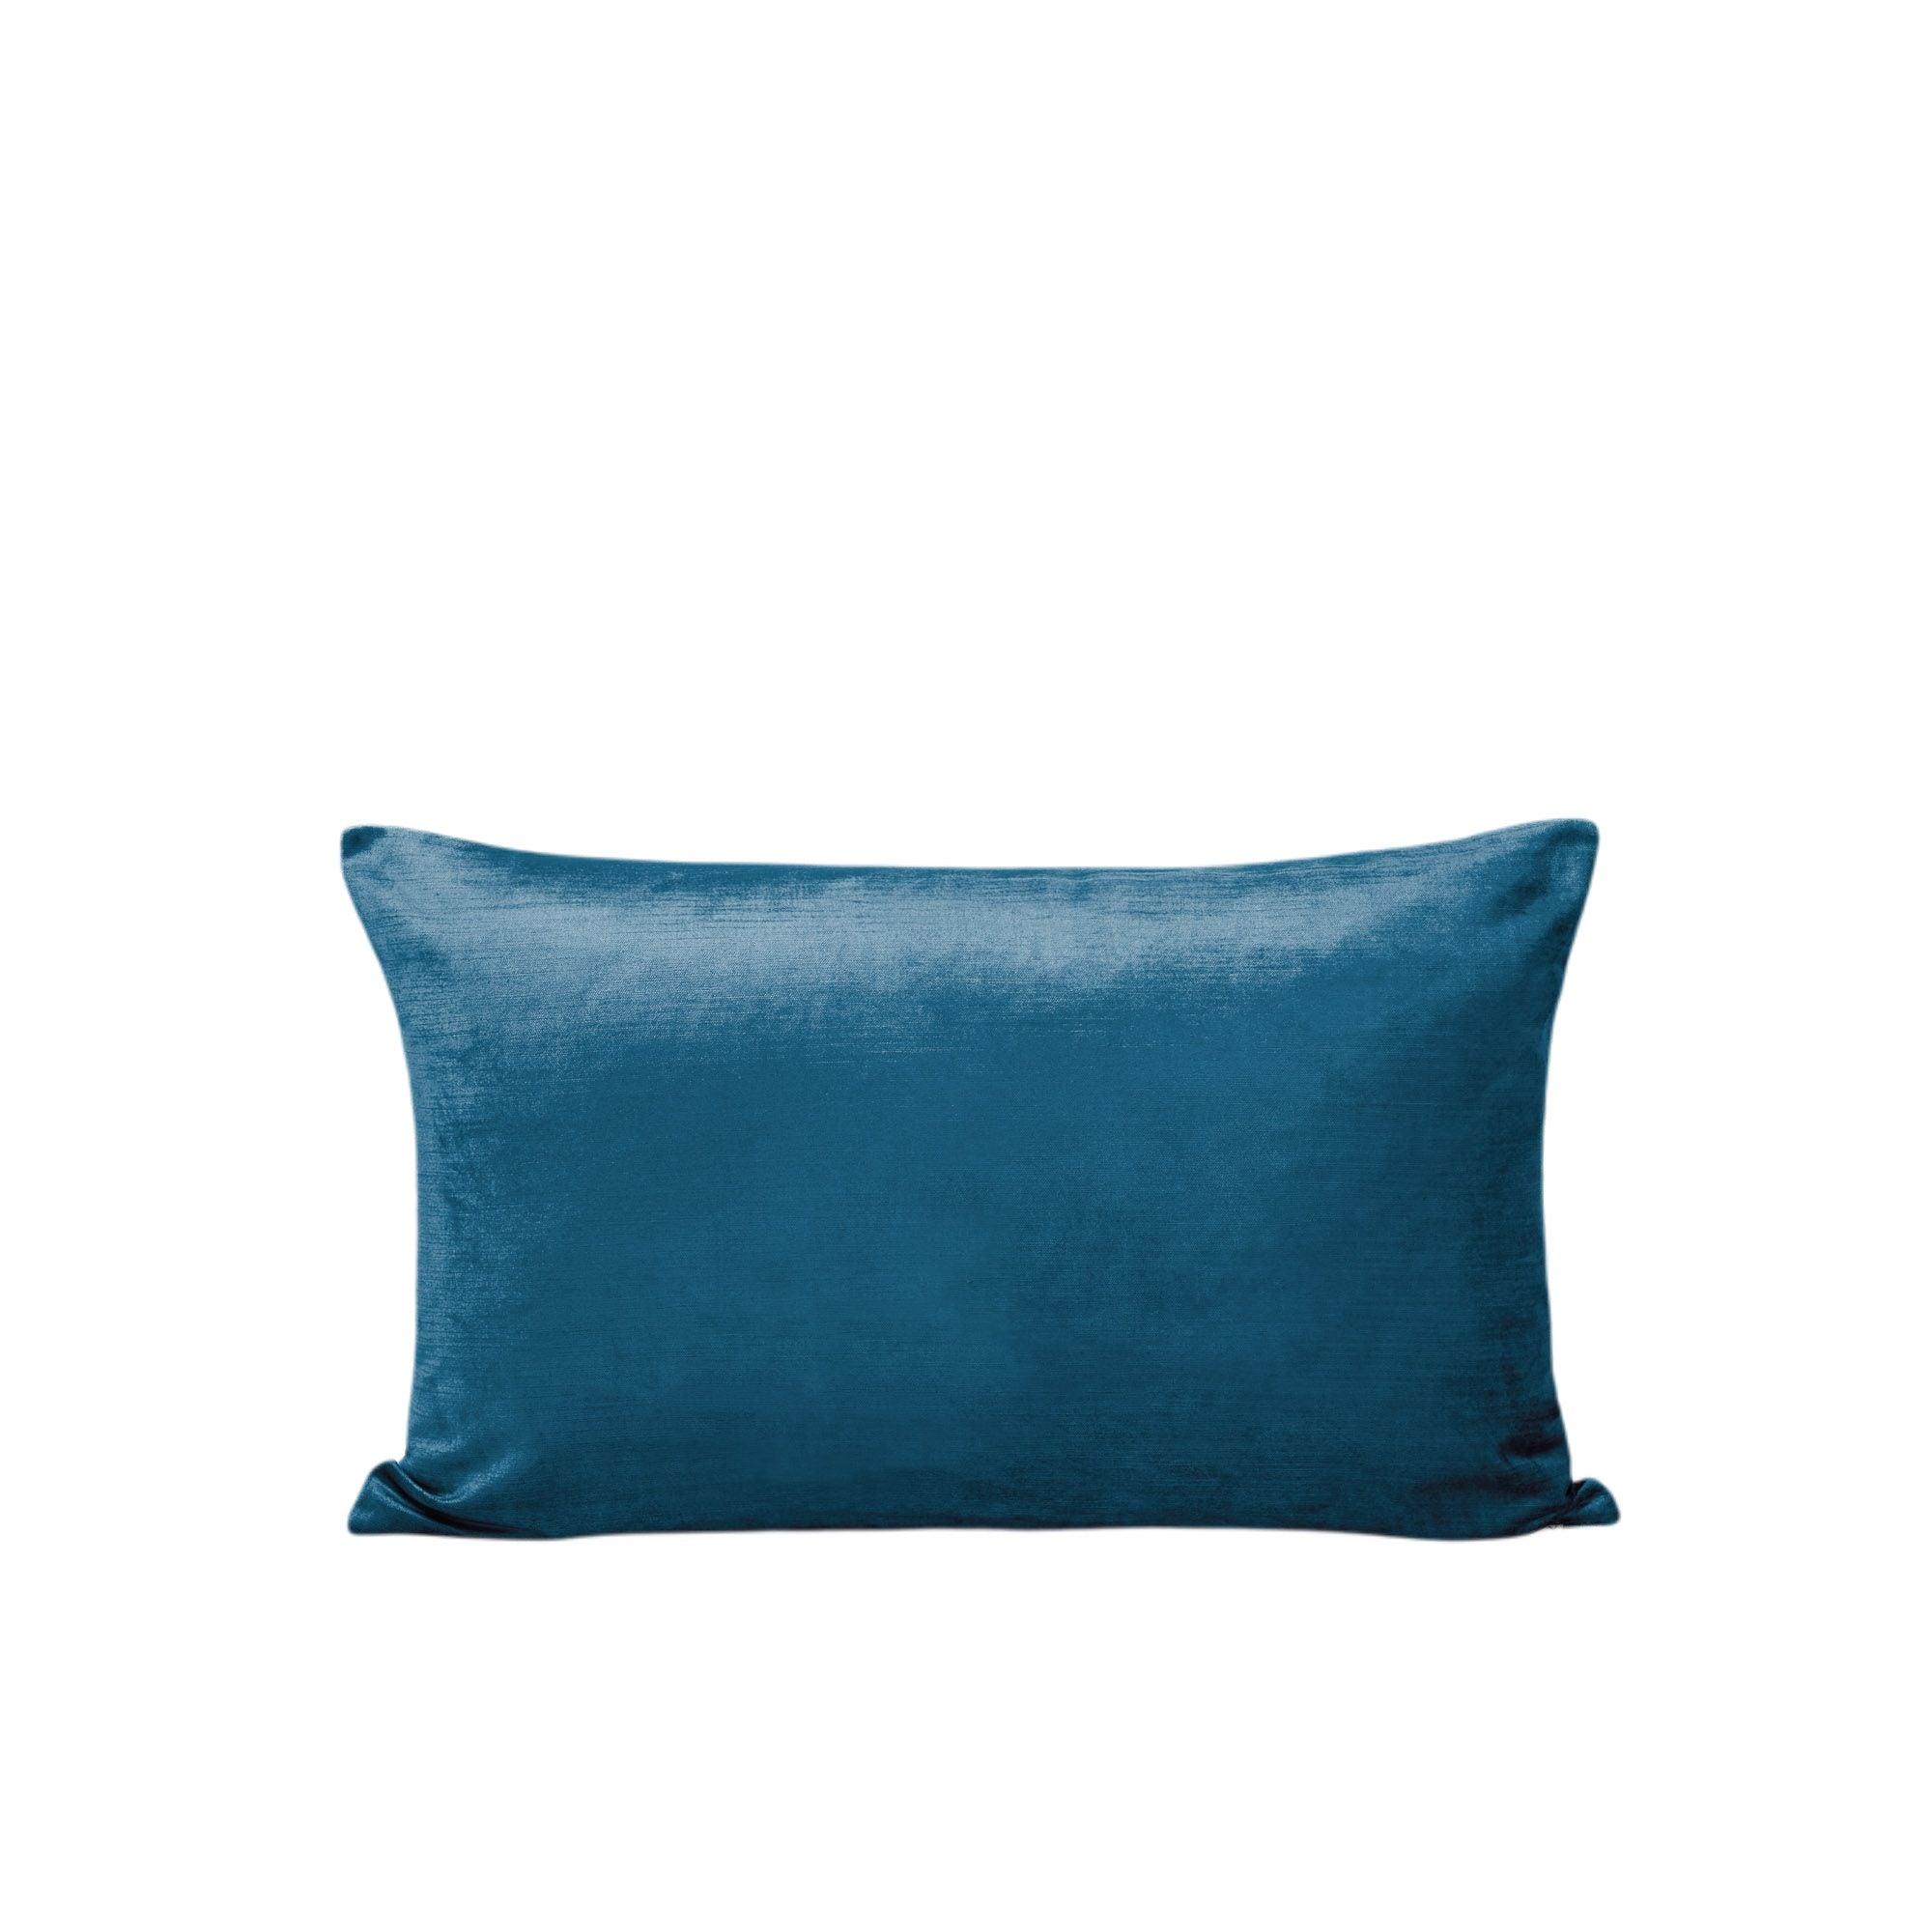 Housse de coussin 28x47 cm Bleu vert et taupe